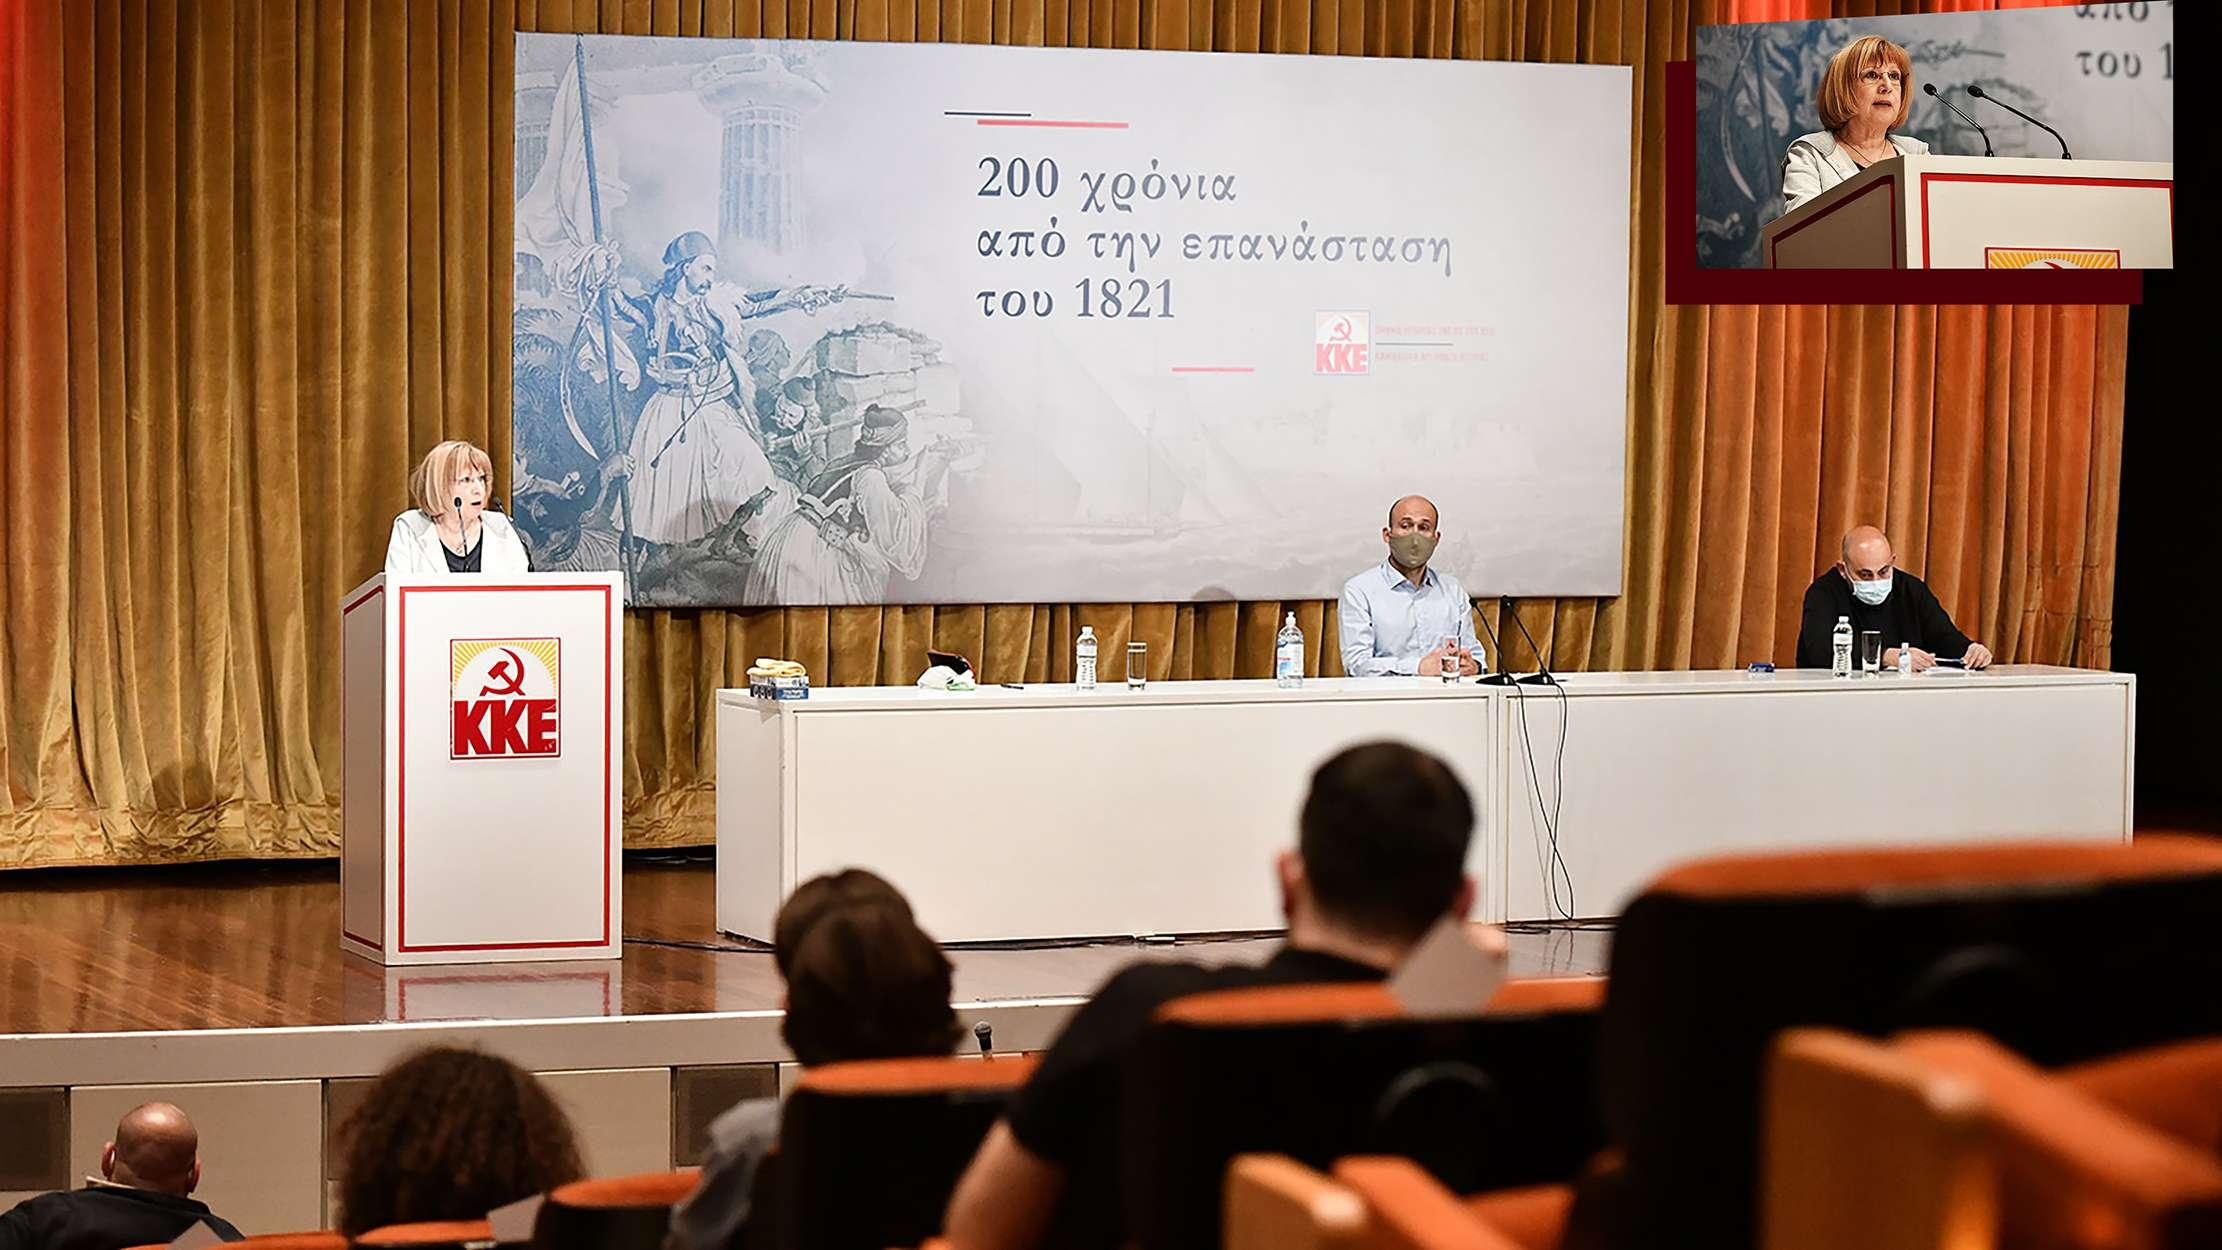 ΚΚΕ 200 χρόνια από την Επανάσταση 1821 hmerida KKE perissos 1821